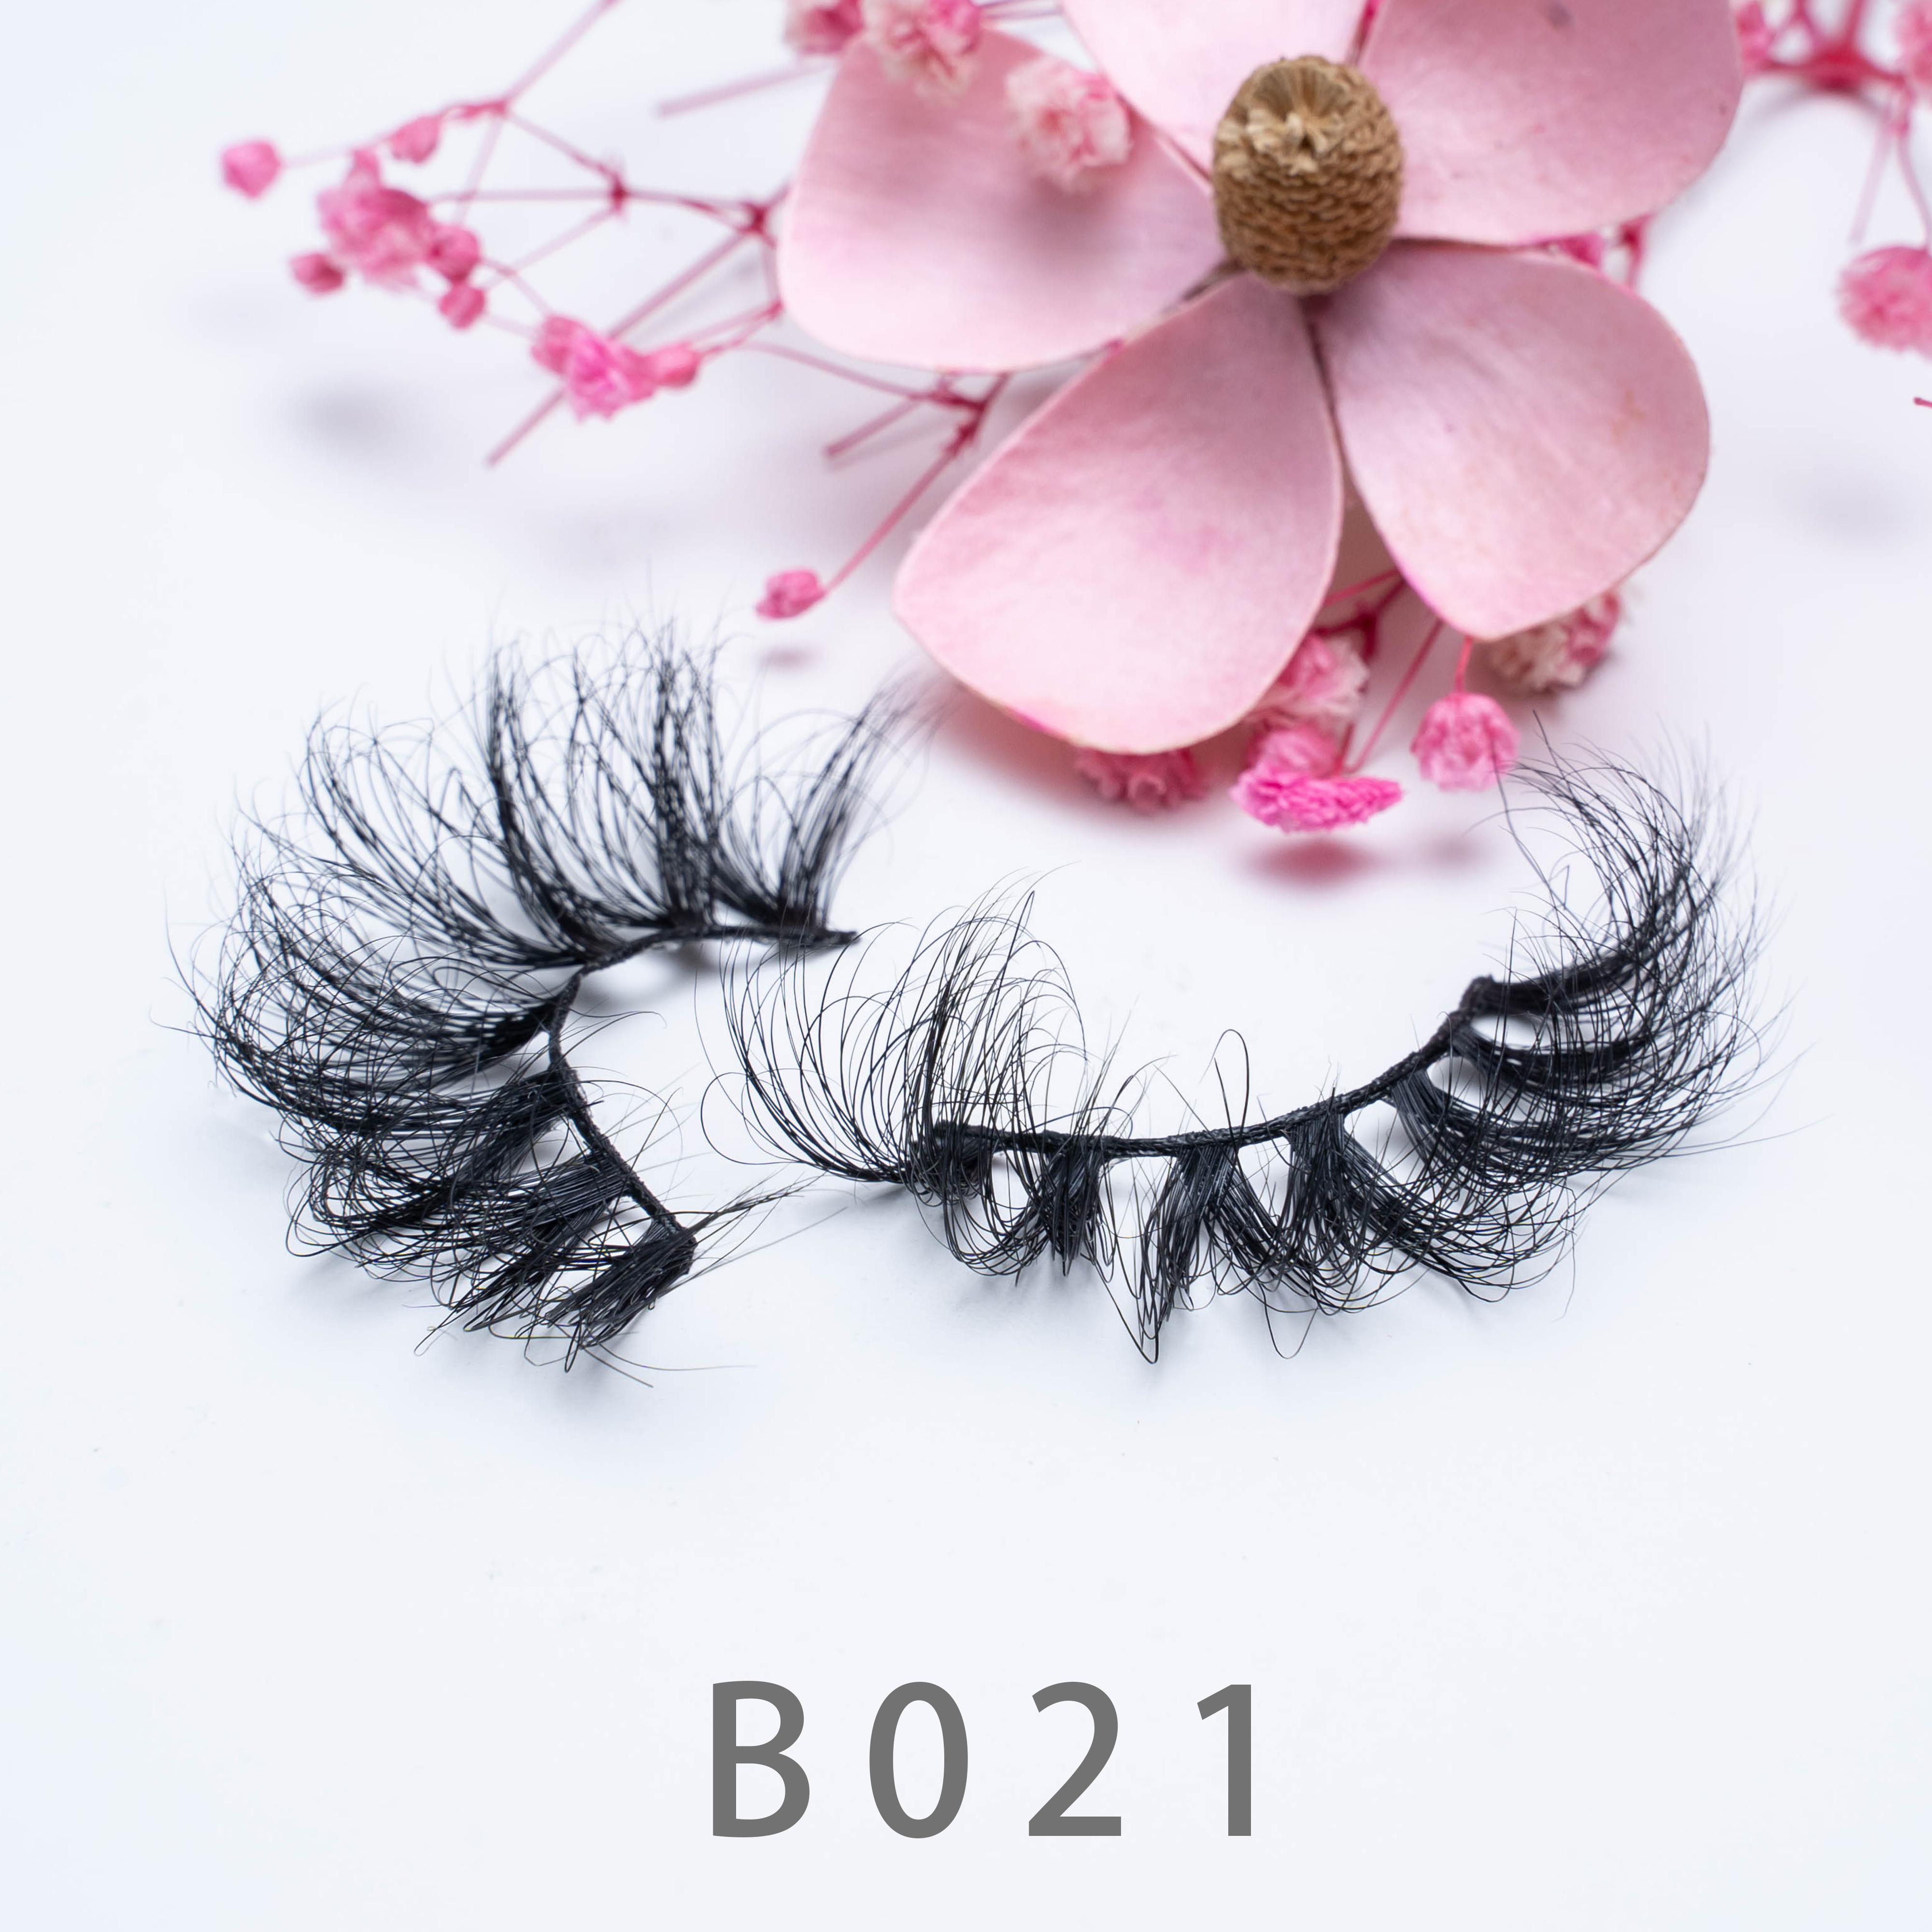 [Mink falsche Wimpern-B21] Nerz Wimpern 3D-Wimpern 3d Eye Makeup Mink falsche Wimpern weiche natürliche dicke 20mm gefälschte Wimpern